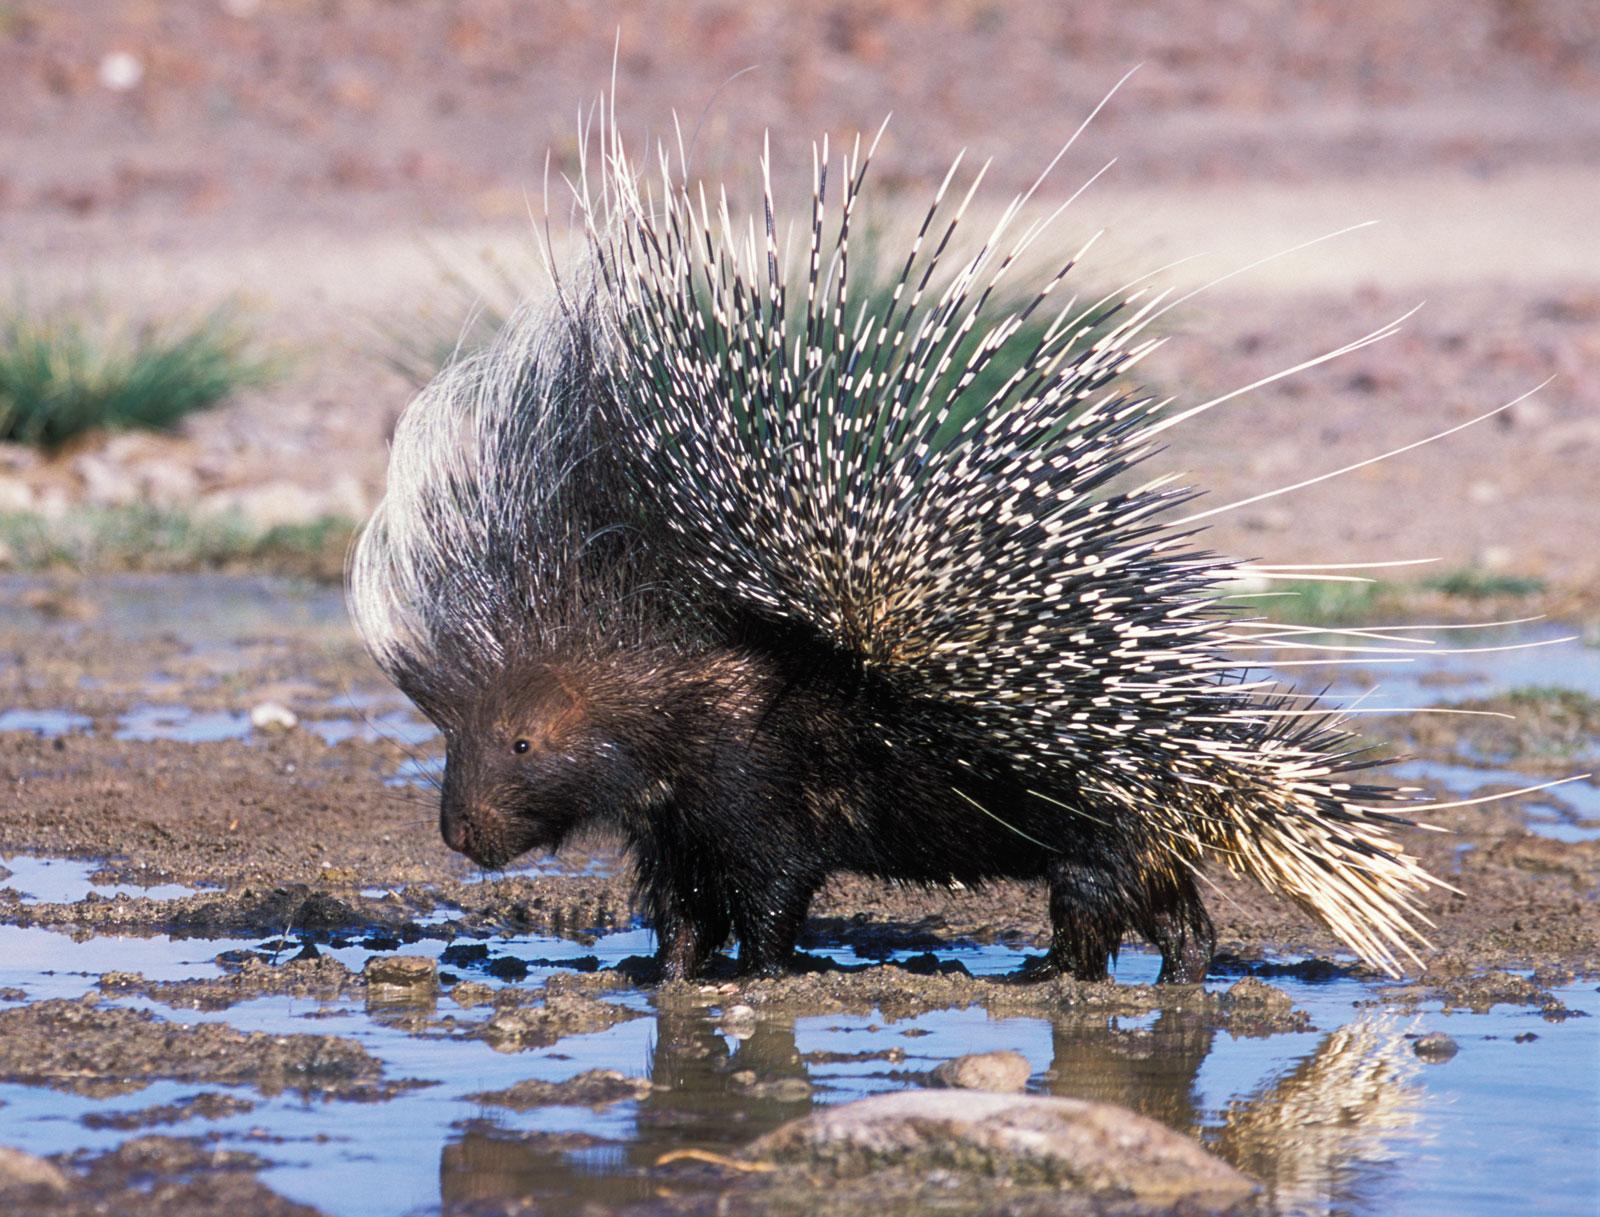 بالصور اغرب الحيوانات , اعجب صور الحيوانات 744 12